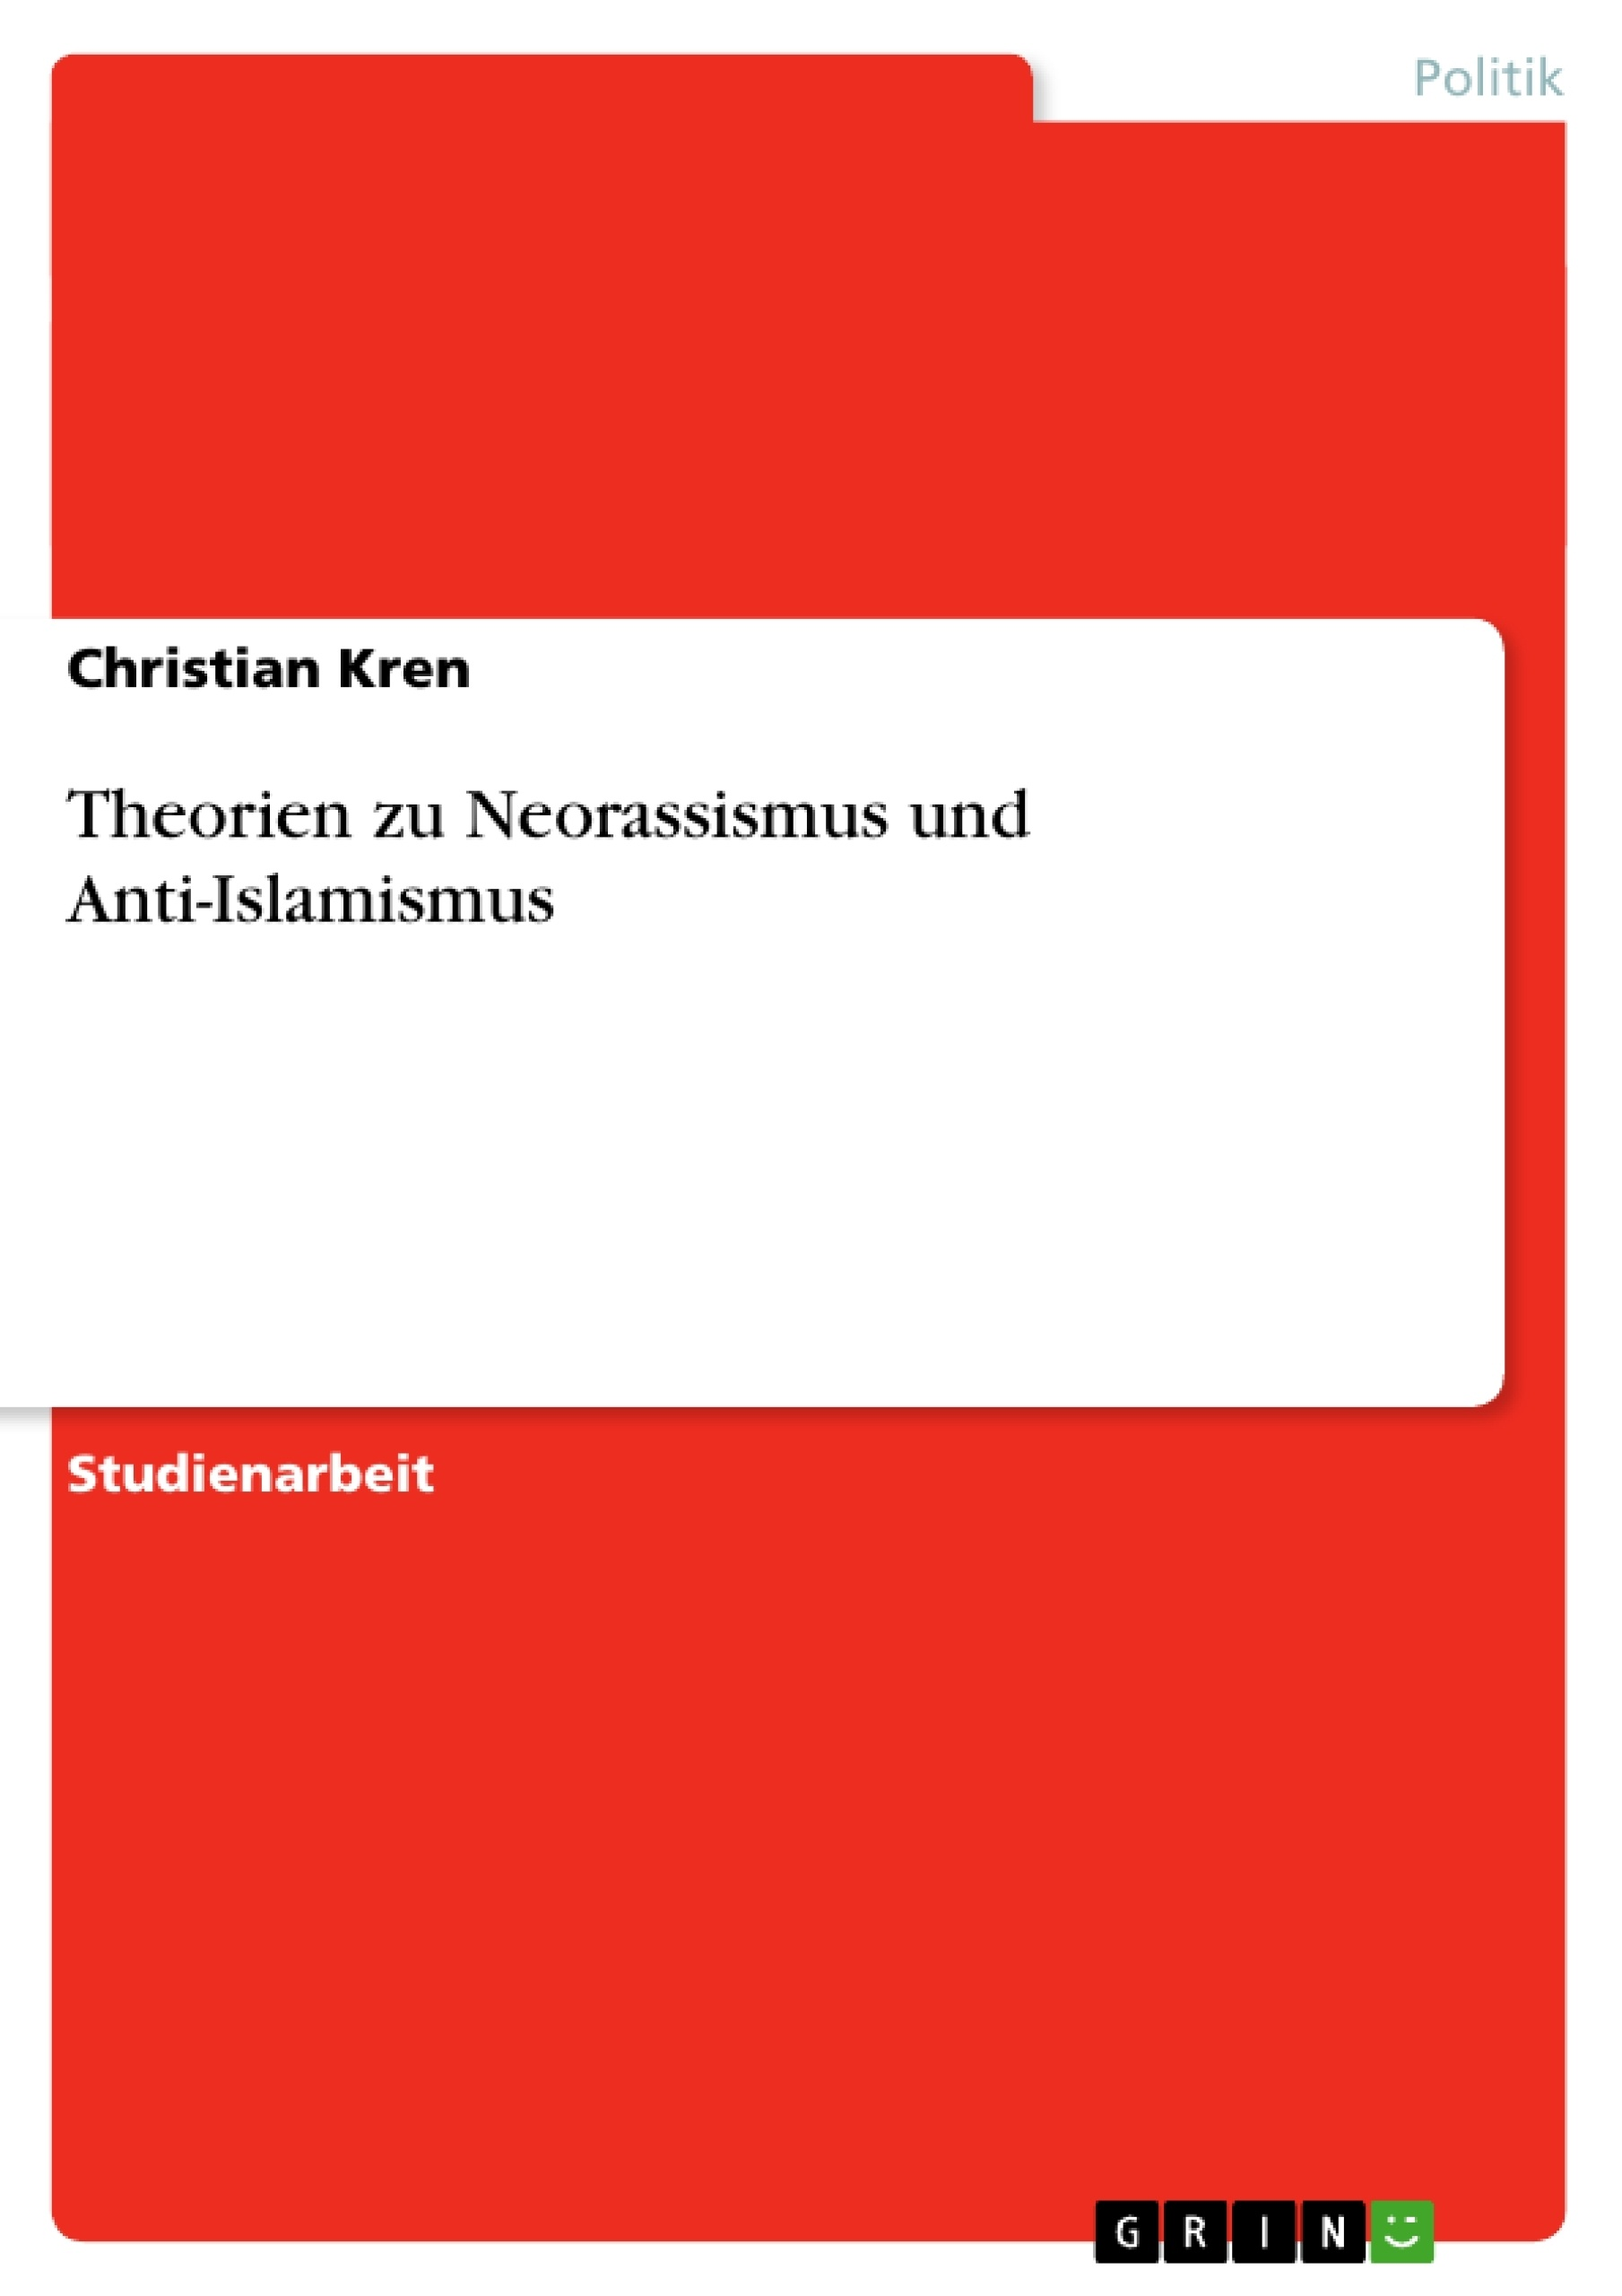 Titel: Theorien zu Neorassismus und Anti-Islamismus